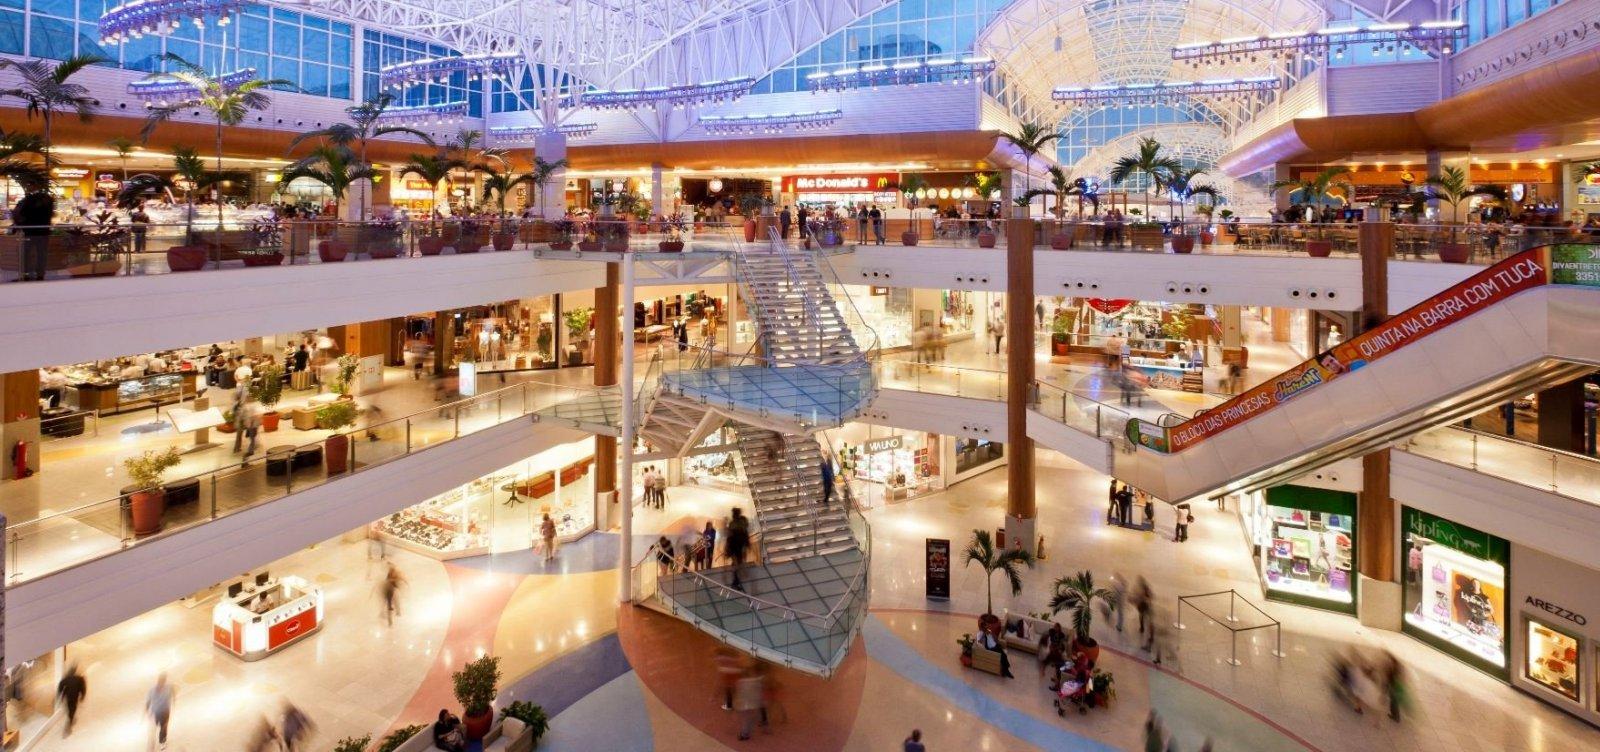 [Após determinação da Justiça, lojas de shoppings abrem neste domingo]